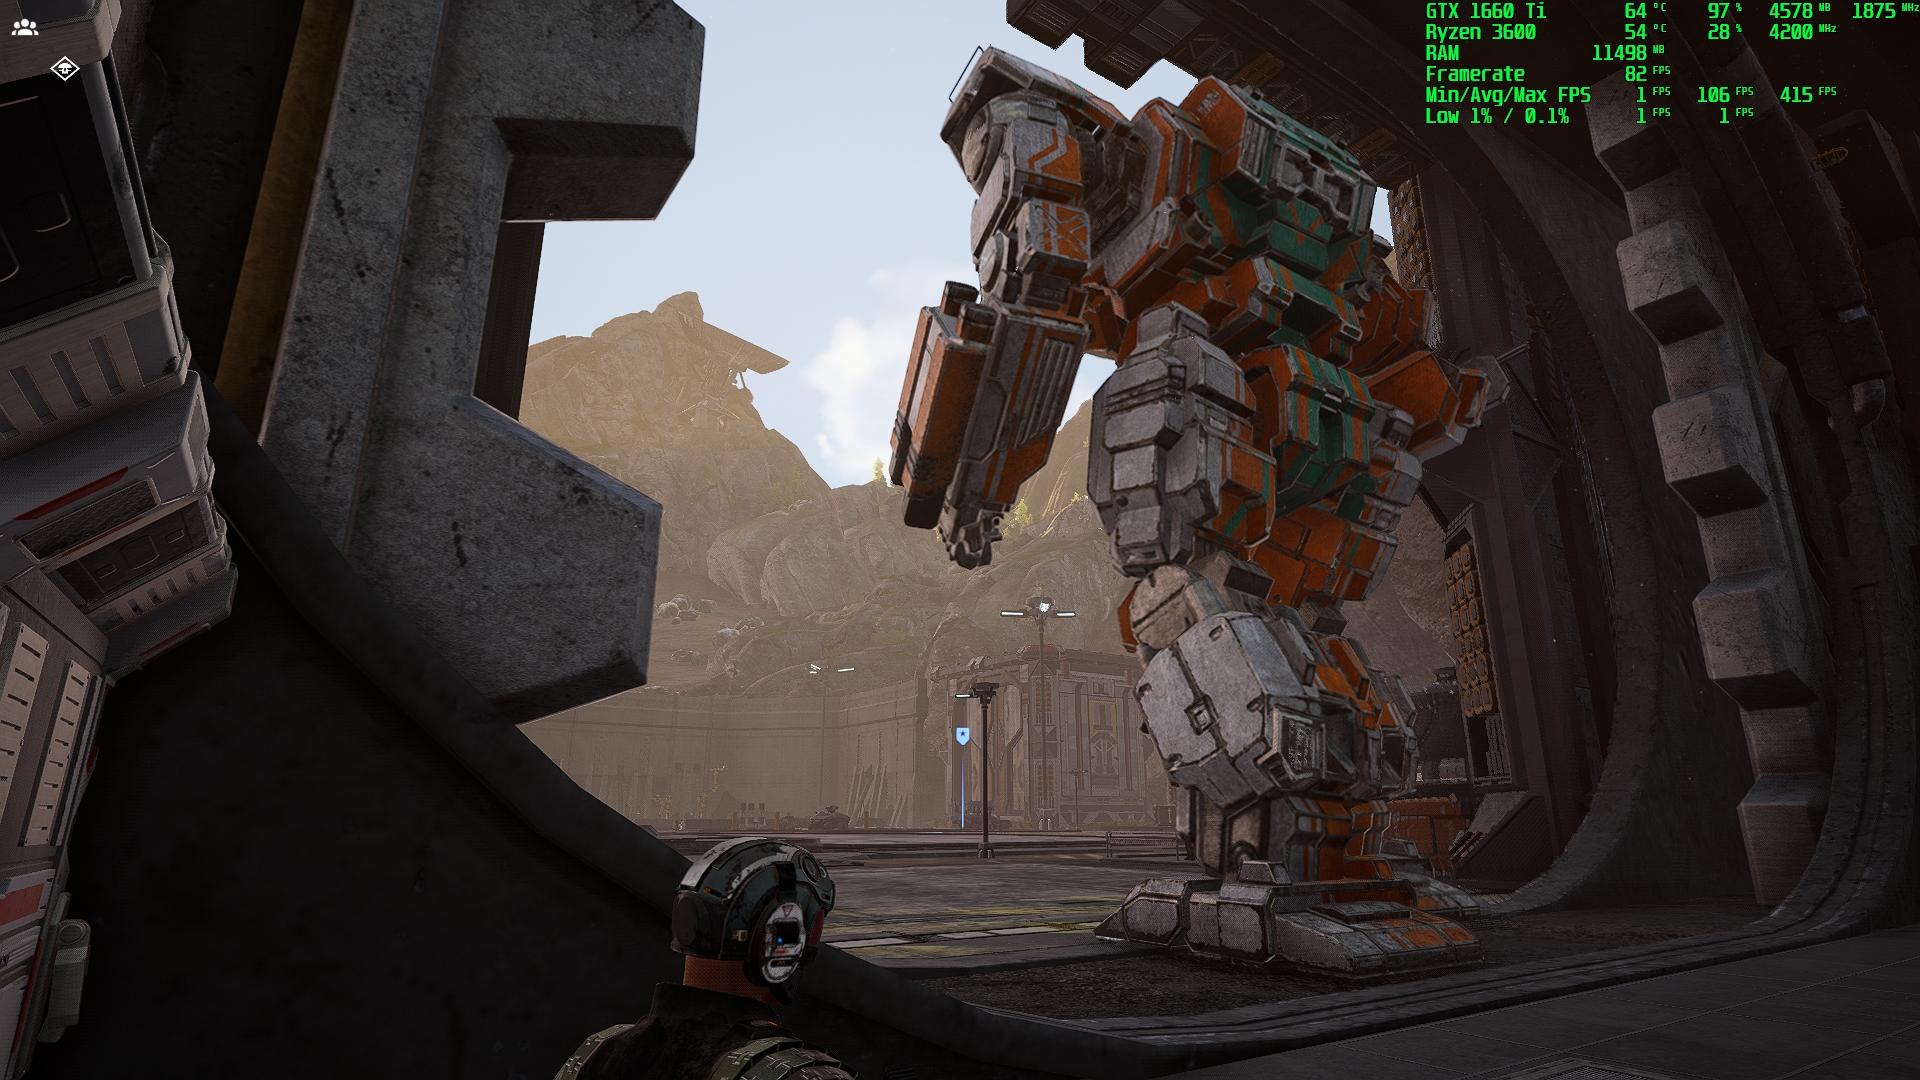 MechWarrior-Win64-Shipping_2019_12_10_23_33_53_025.jpg